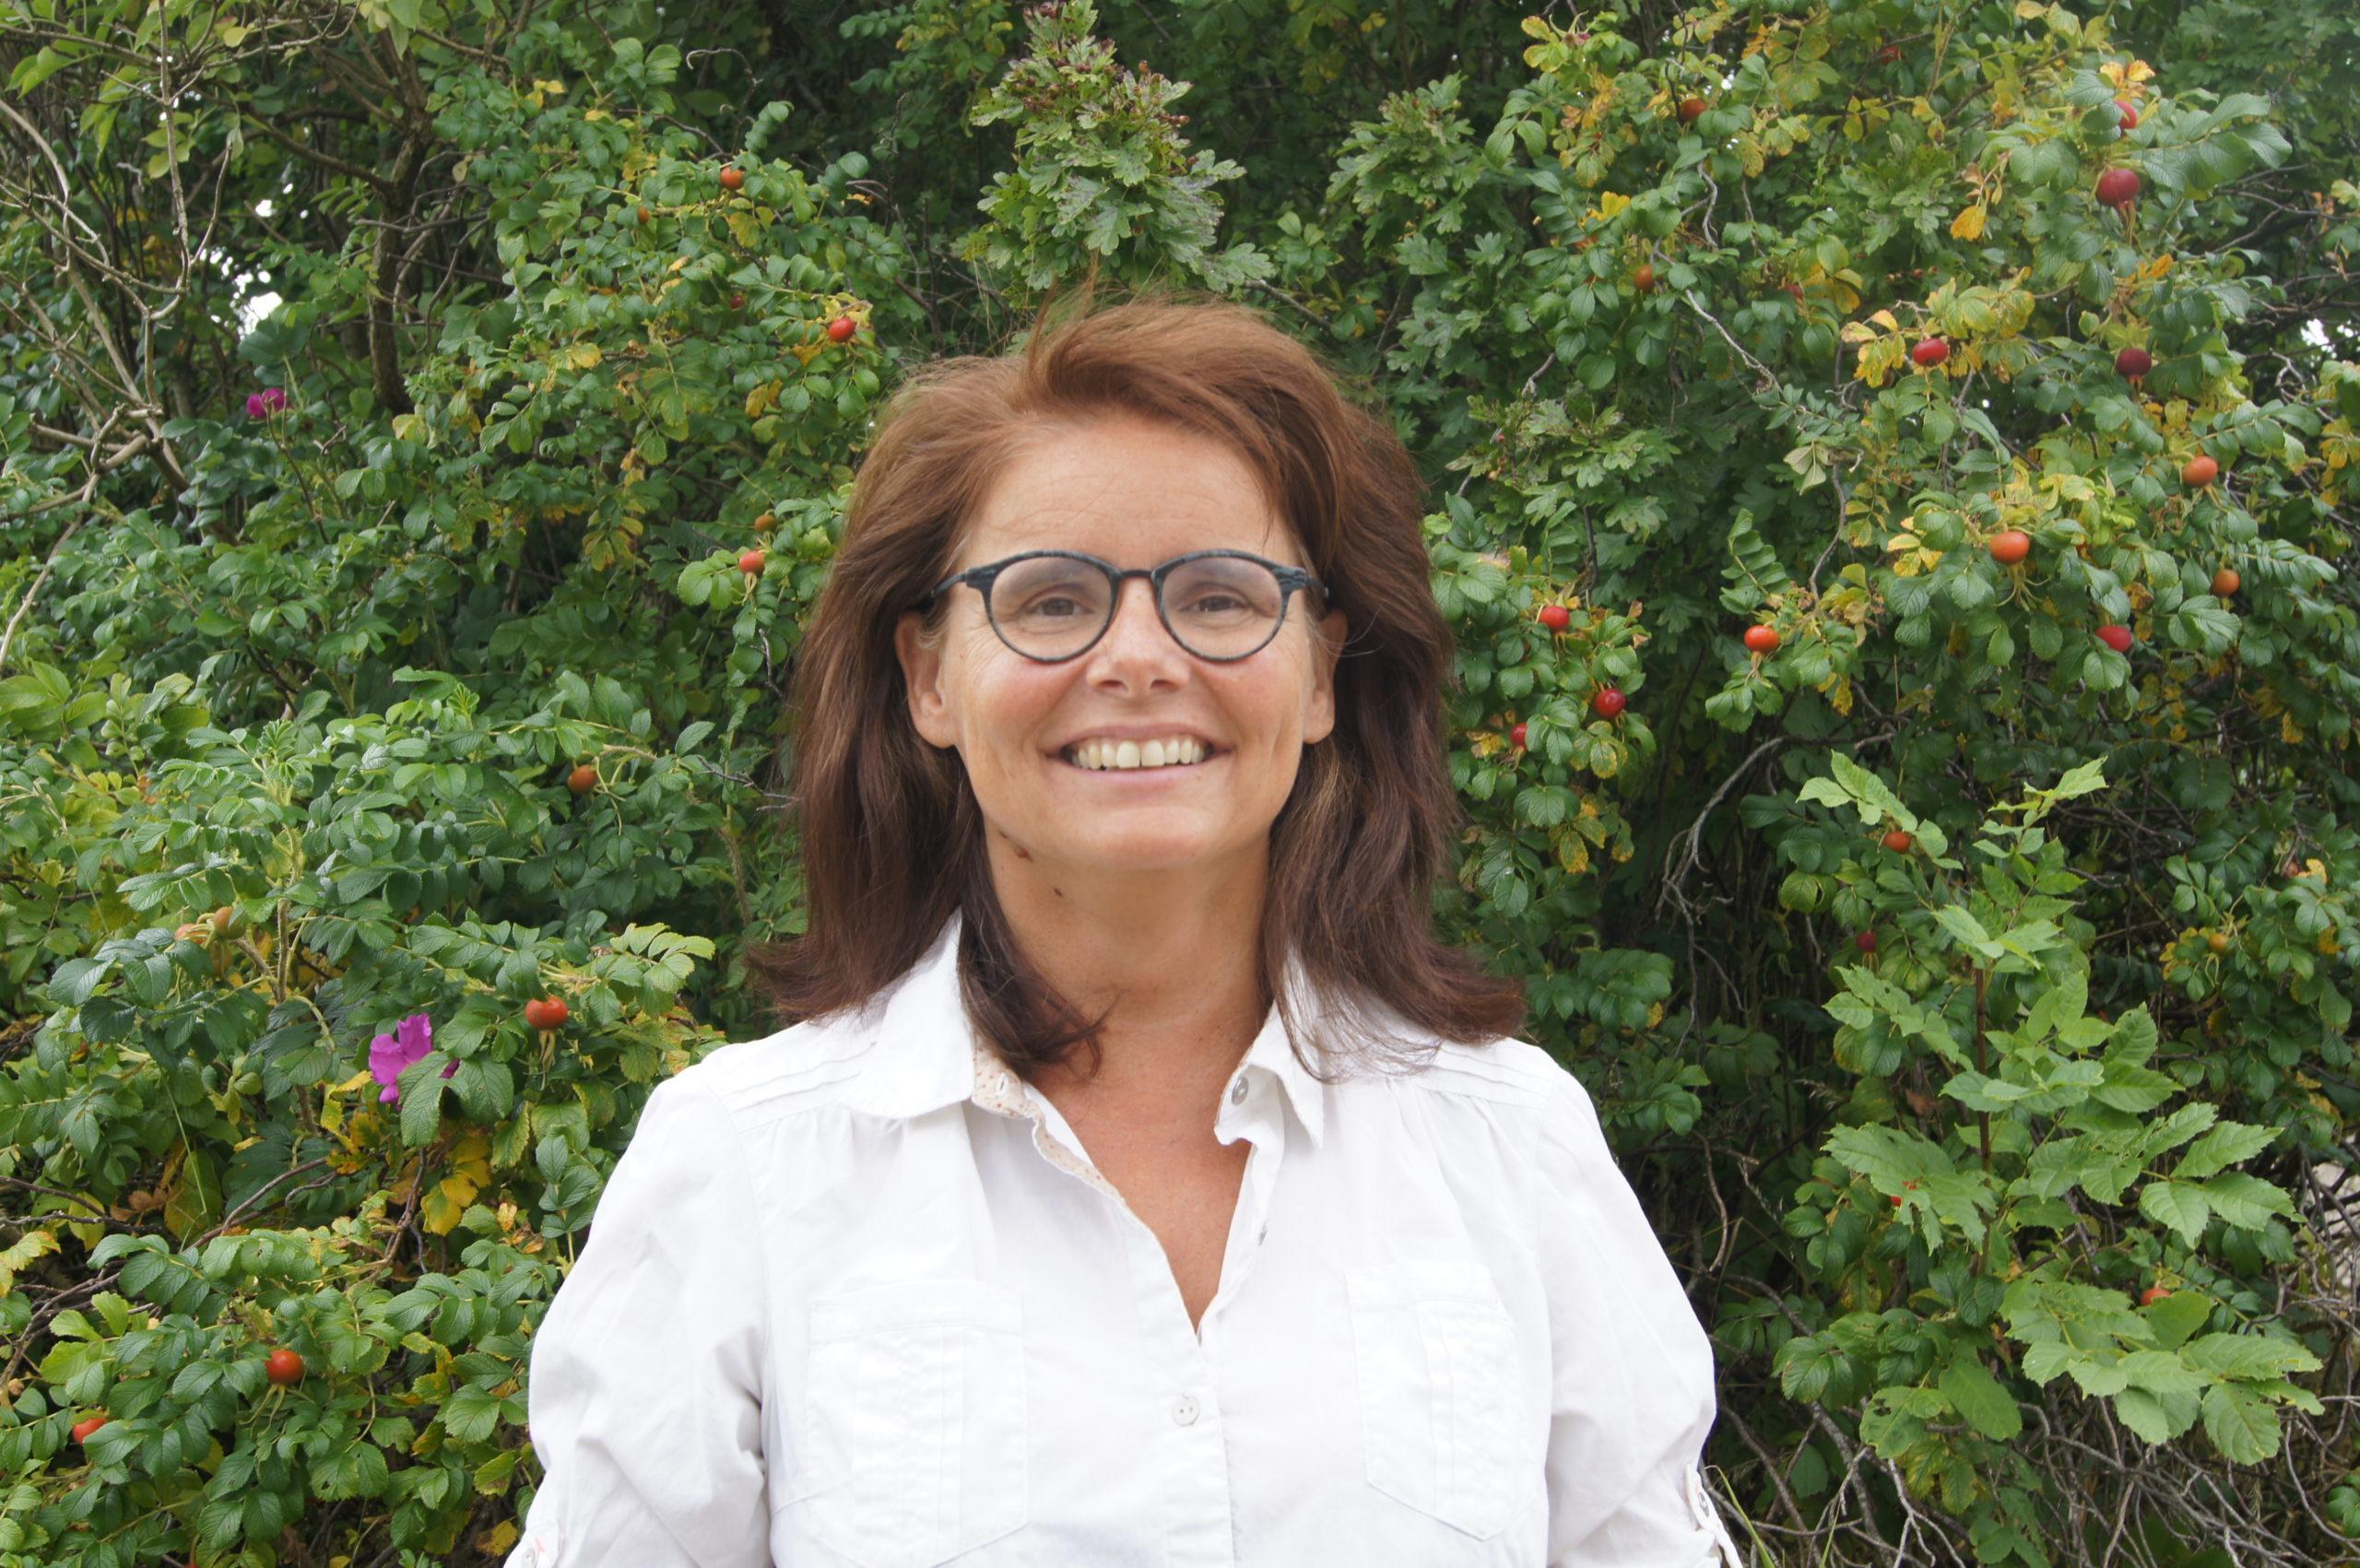 Birthe Reimers Madsen